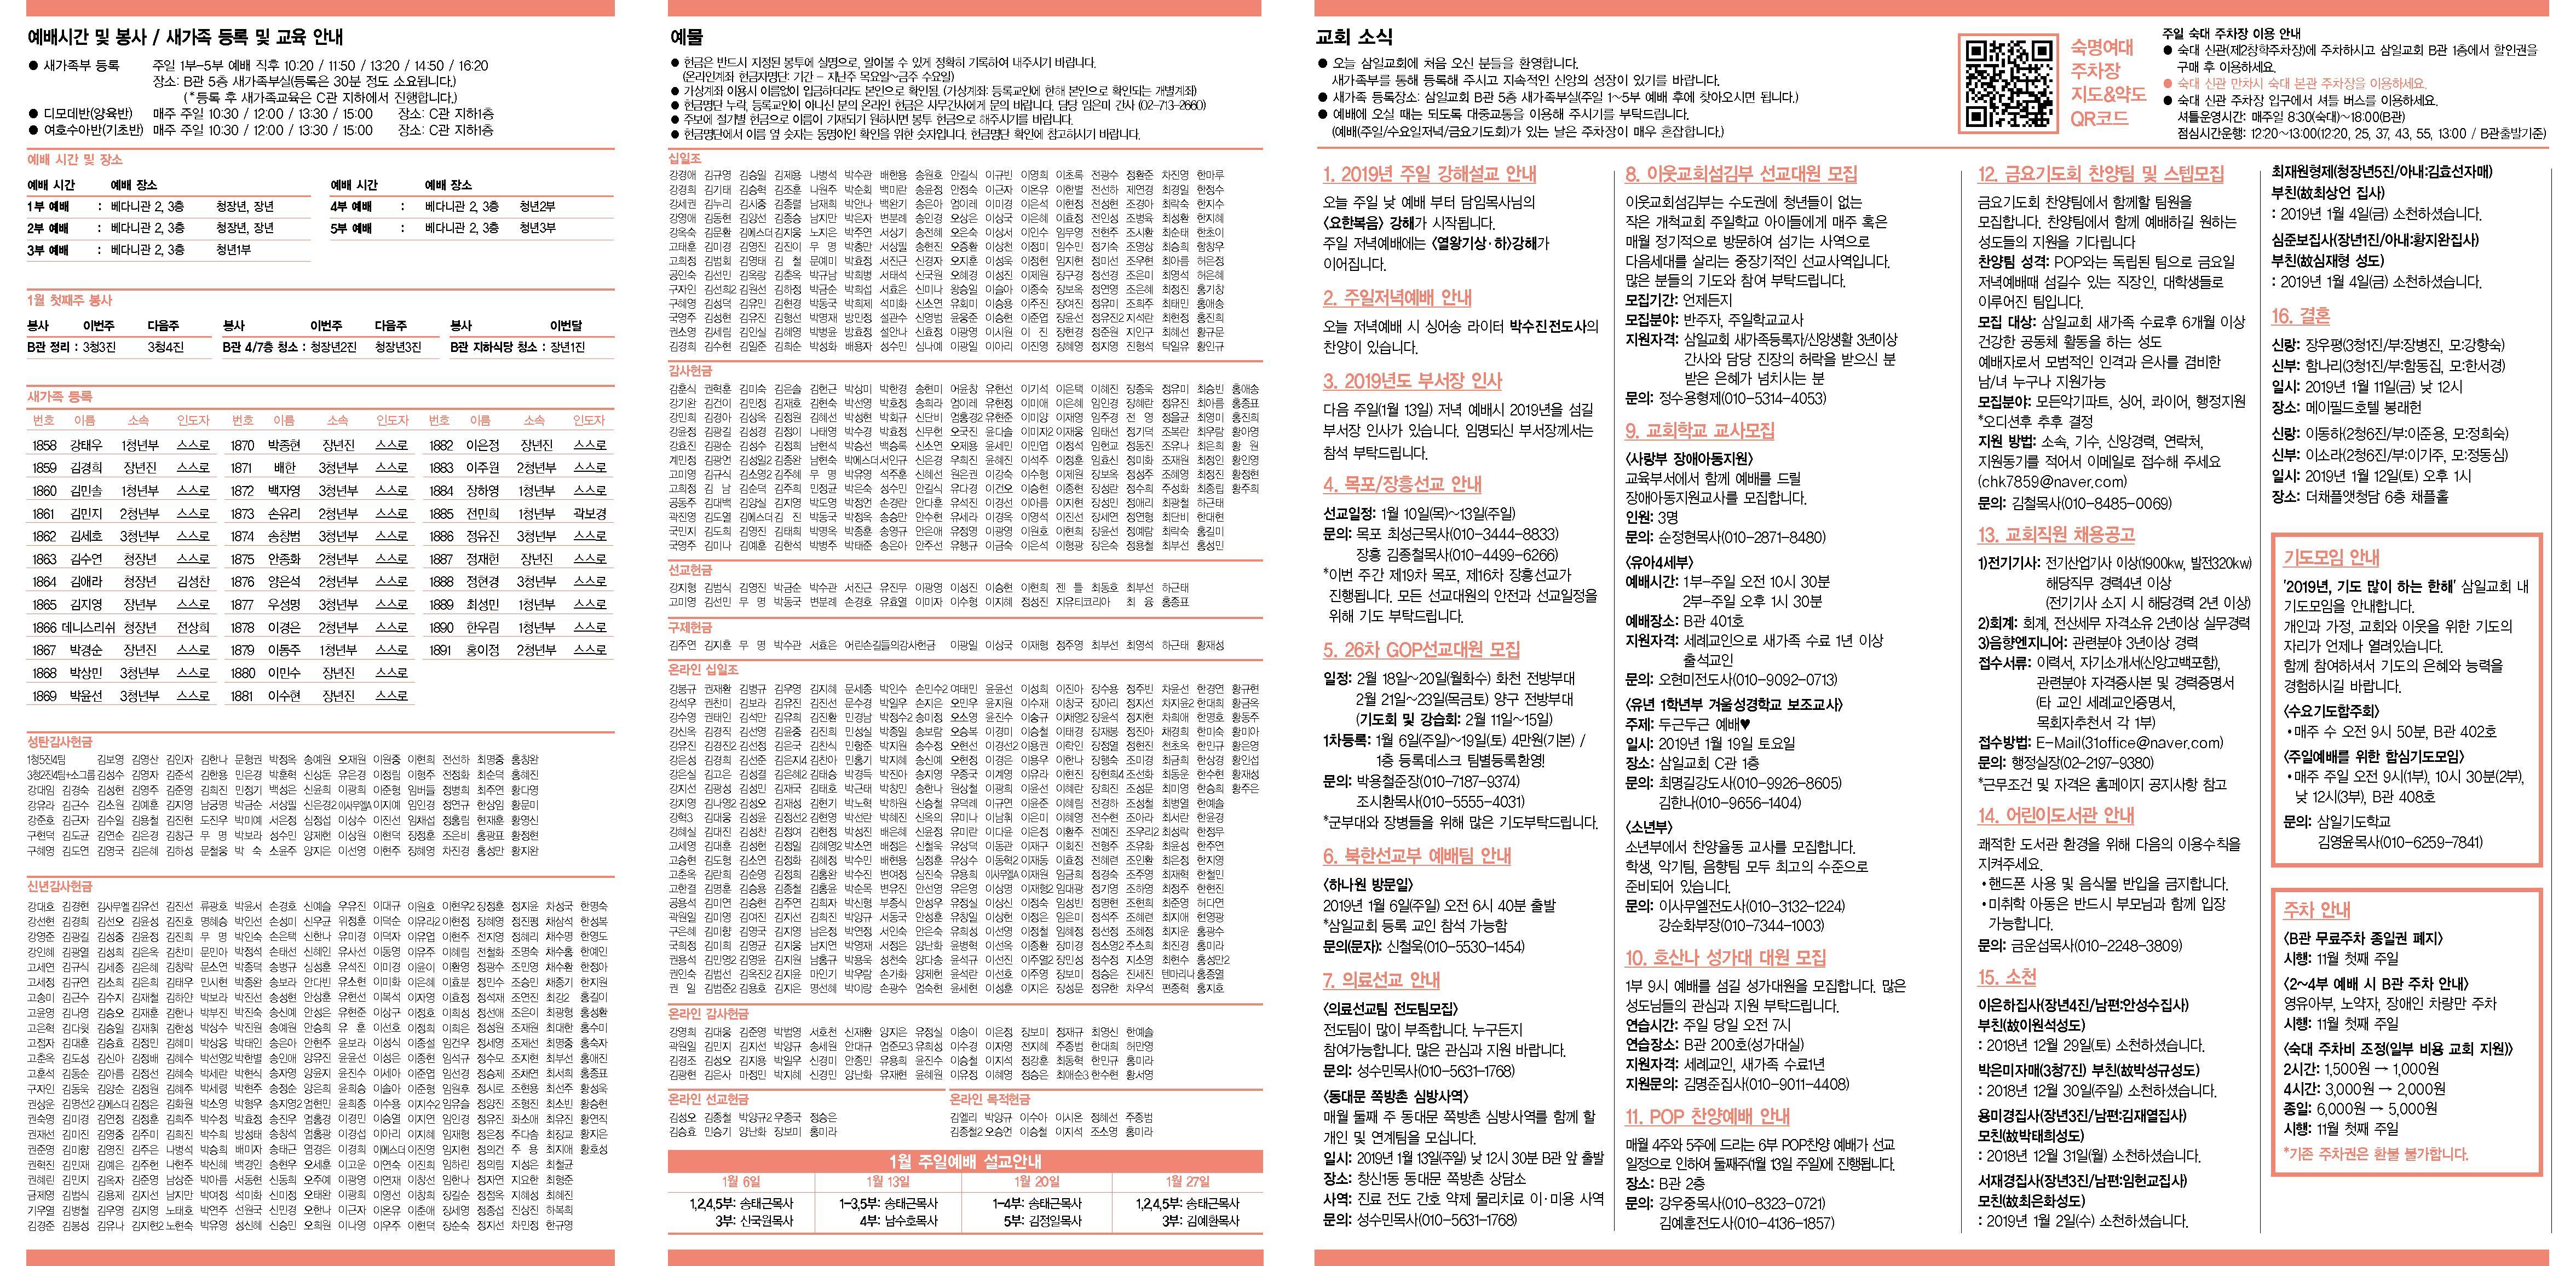 20190106-최종수정_2.jpg